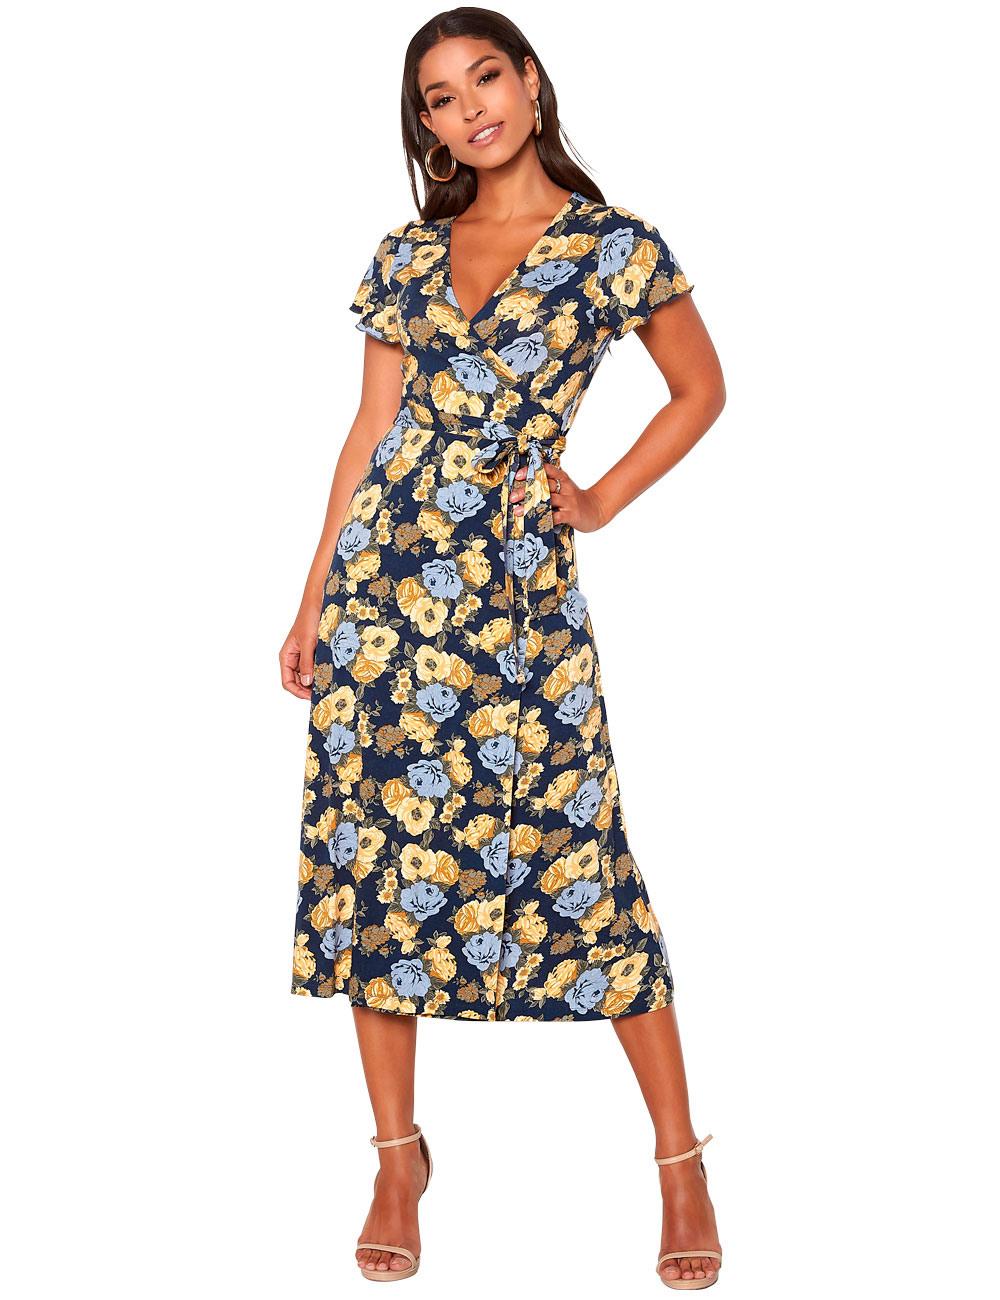 Kleid Von Happy Holly Geblümt Blau/Bedruckt